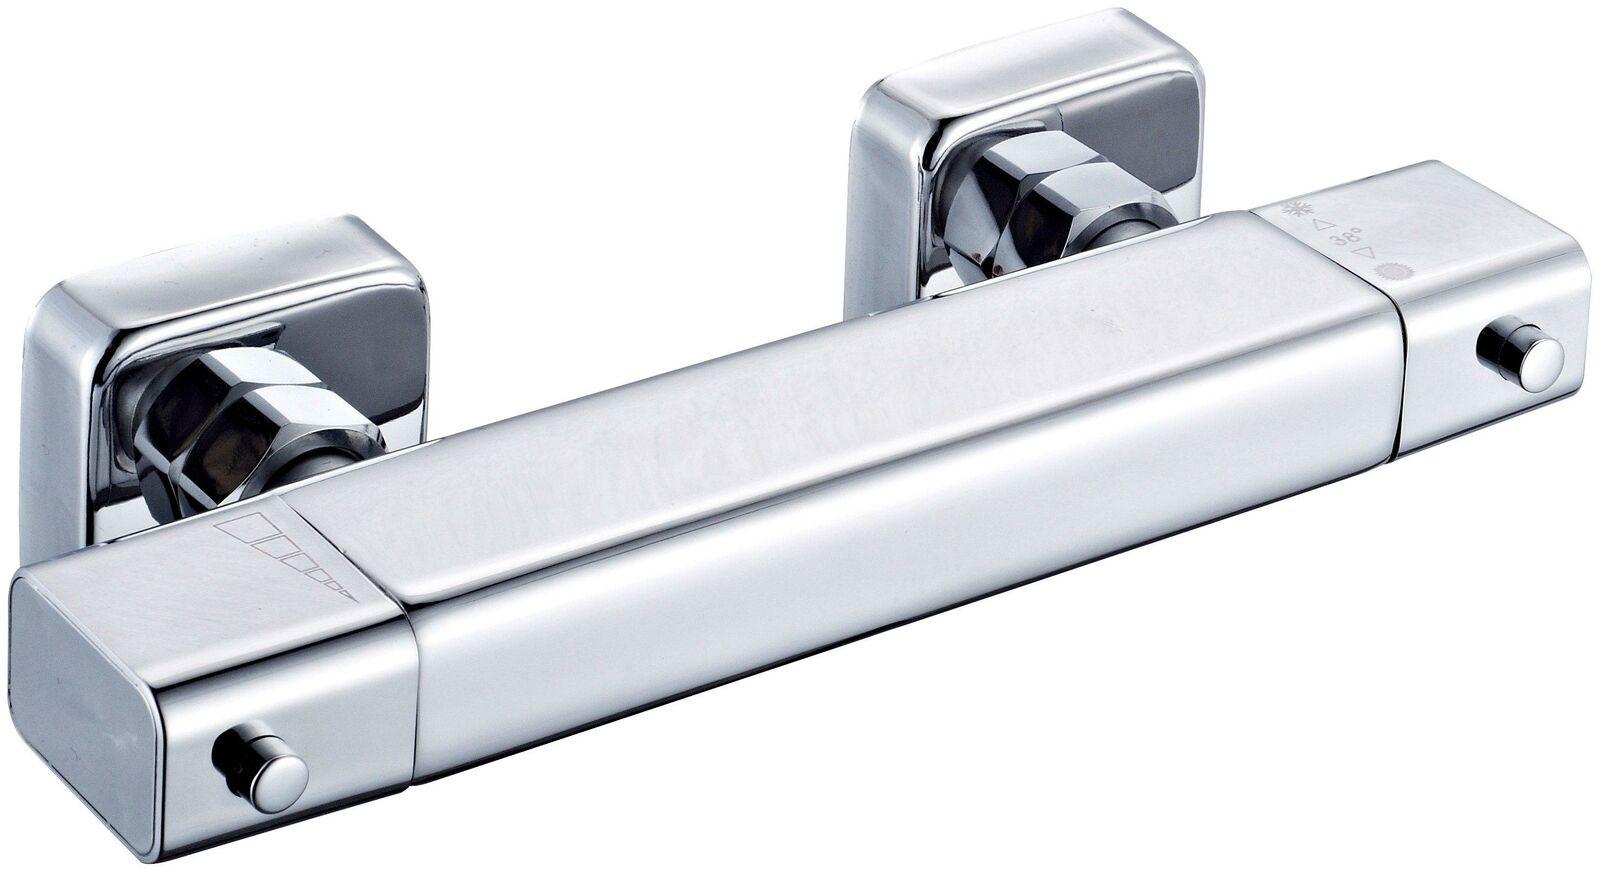 Full Size of Grohe Thermostat Dusche Duschthermostat Mehr Als 50 Angebote Moderne Duschen Ebenerdig Fliesen Für Nischentür Kaufen Behindertengerechte Ebenerdige Dusche Grohe Thermostat Dusche